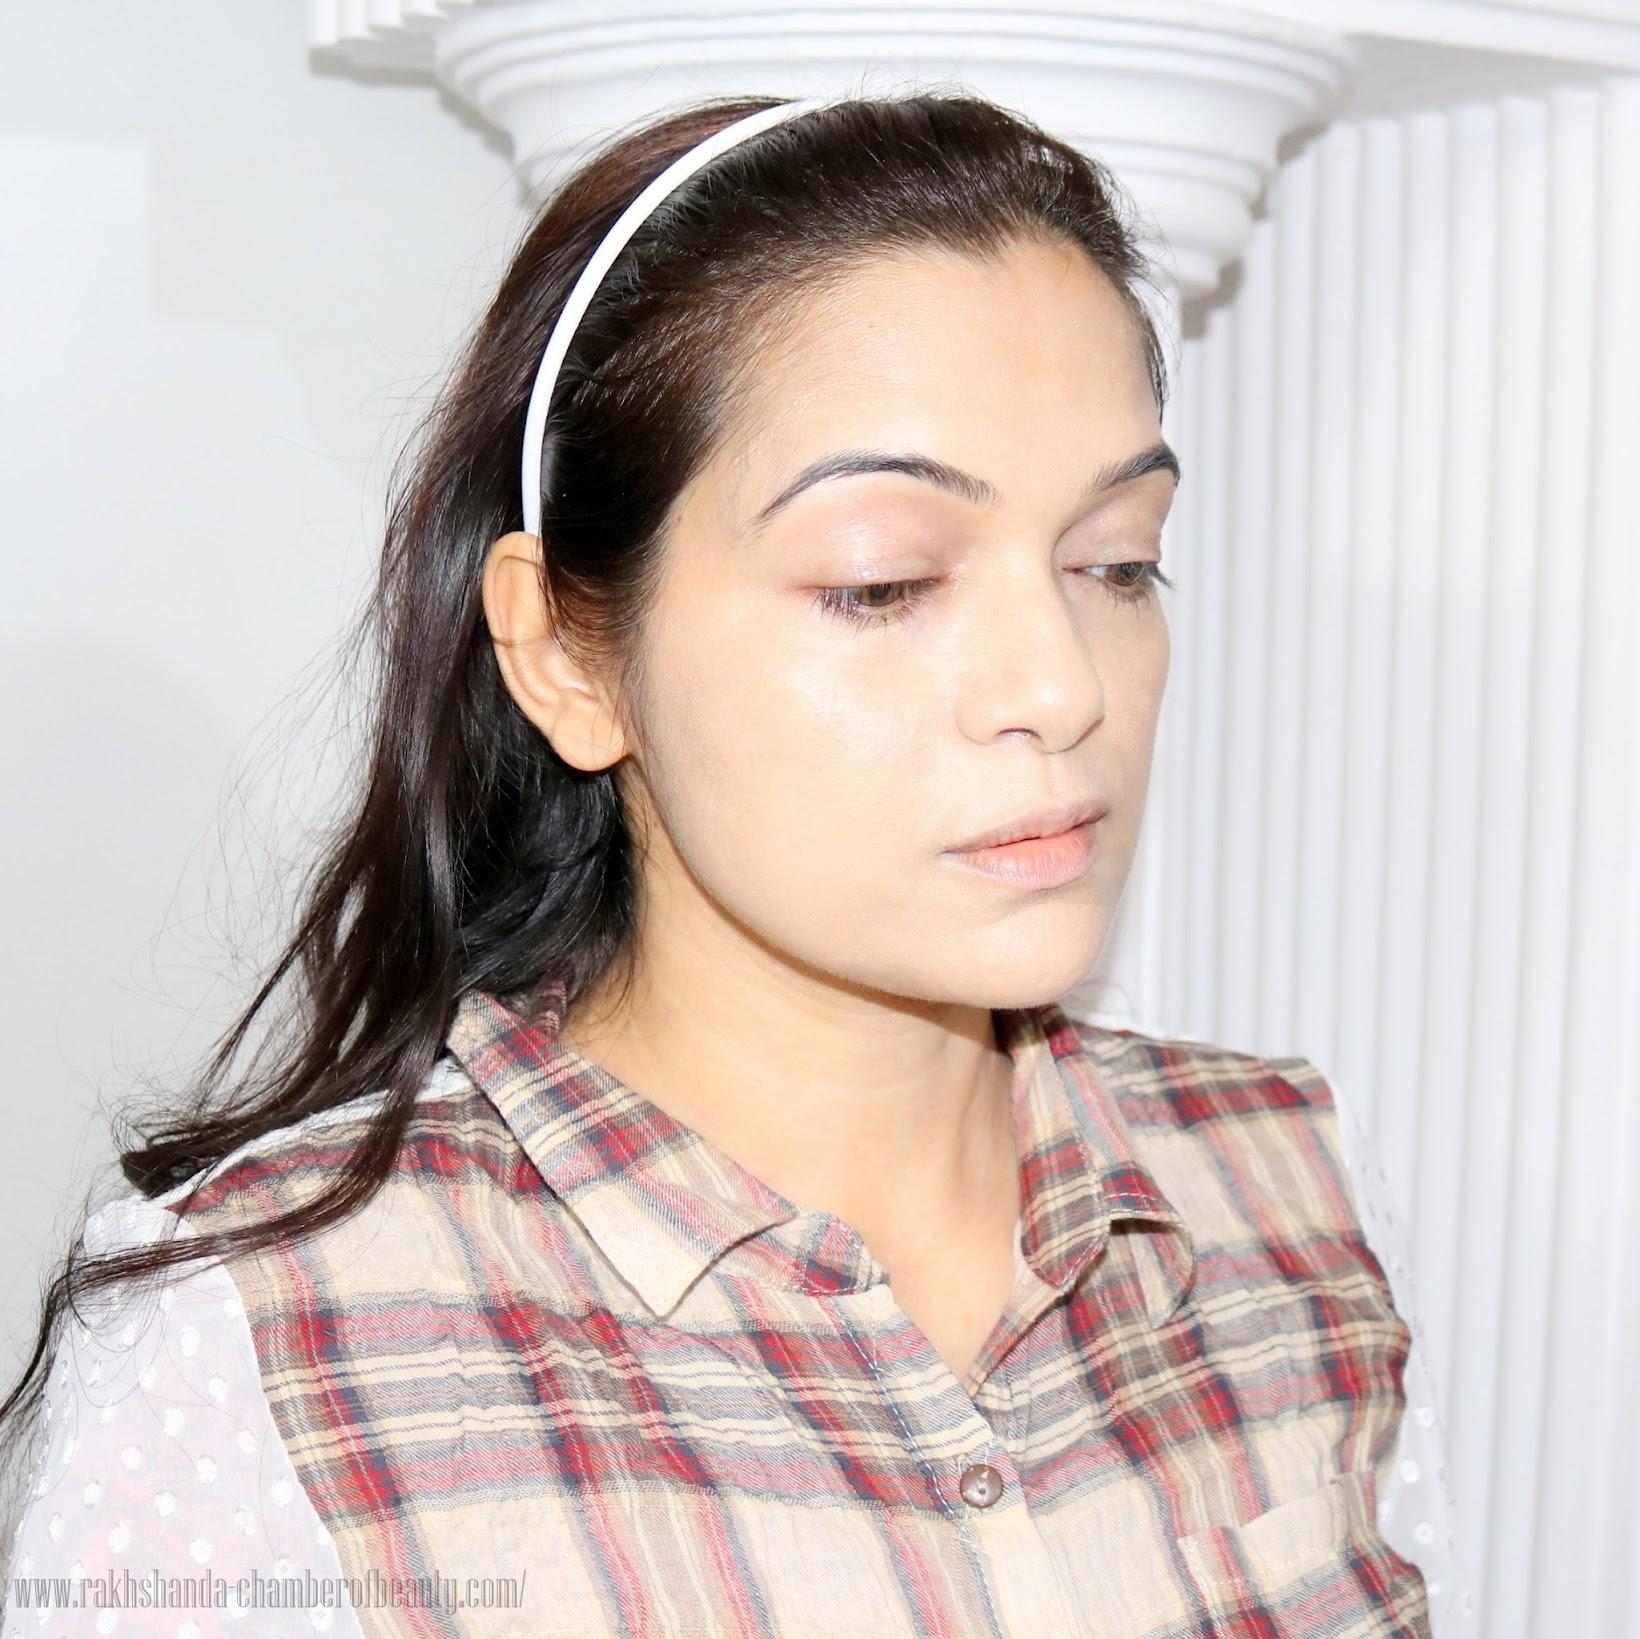 Illamasqua Radiance Veil, How to get radiant skin, FOTD, how to get lit-up glow with Illamasqua Radiance Veil, Illuminator, makeup look, tutorial, Illamasqua, Picture tutorial, how to illuminate, Indian beauty blogger, how to use Illamasqua Radiance Veil, how to get glow, makeup tips, radiant skin with radiance veil, Indian makeup blog, chamber of beauty, makeup